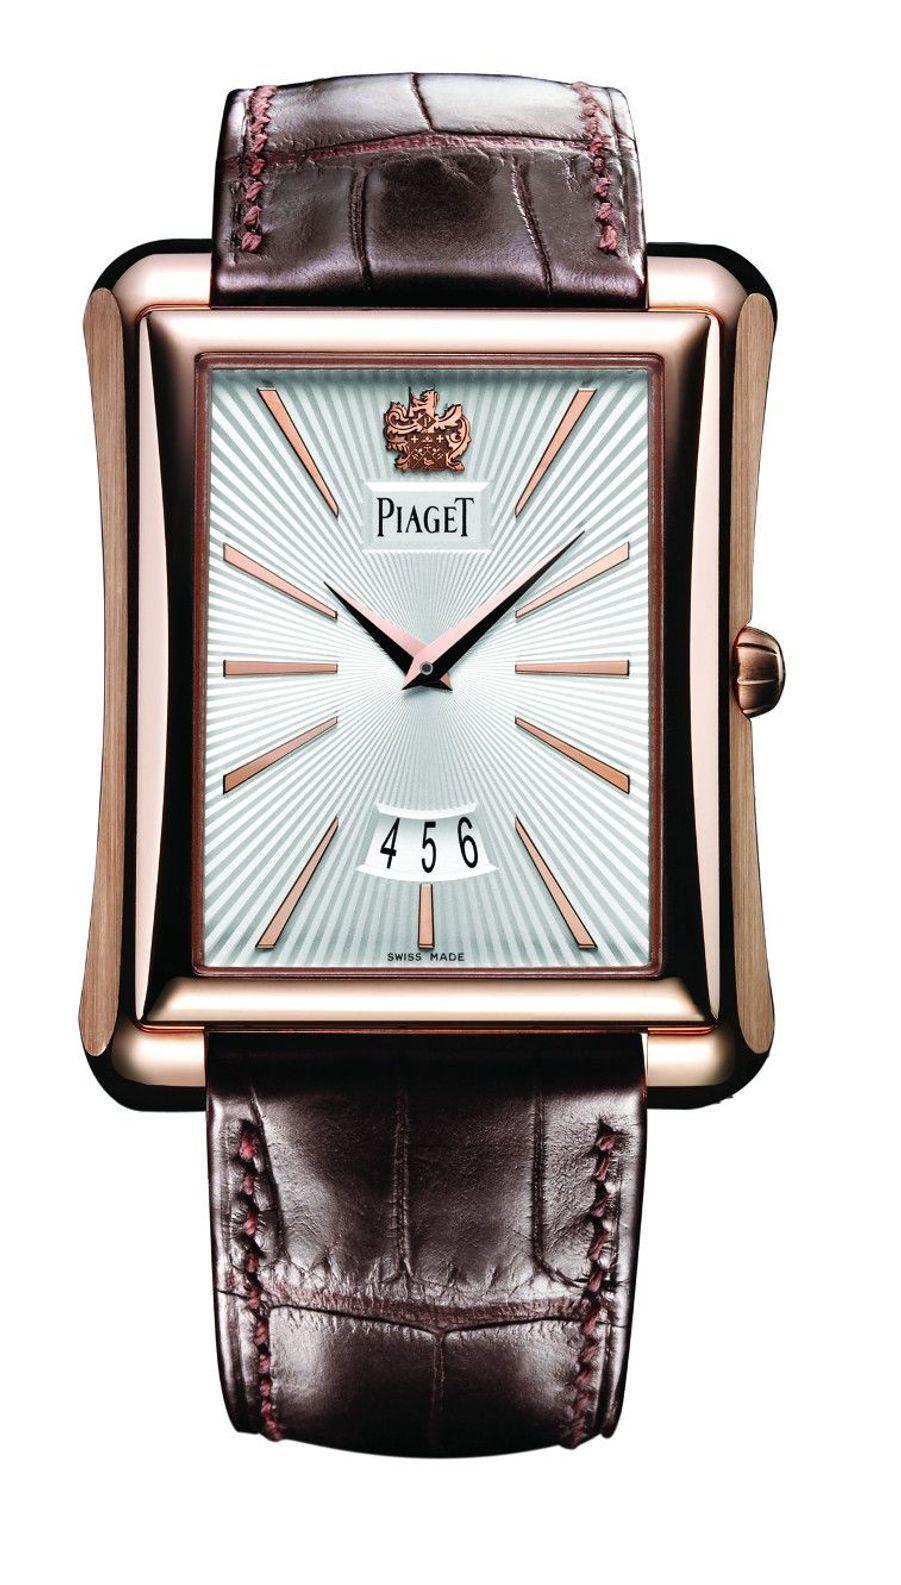 Emperador Grand Modèle, boîte en or rose, 46 mm x 36 mm, bracelet en alligator, mouvement automatique. Piaget. 25 000 €.